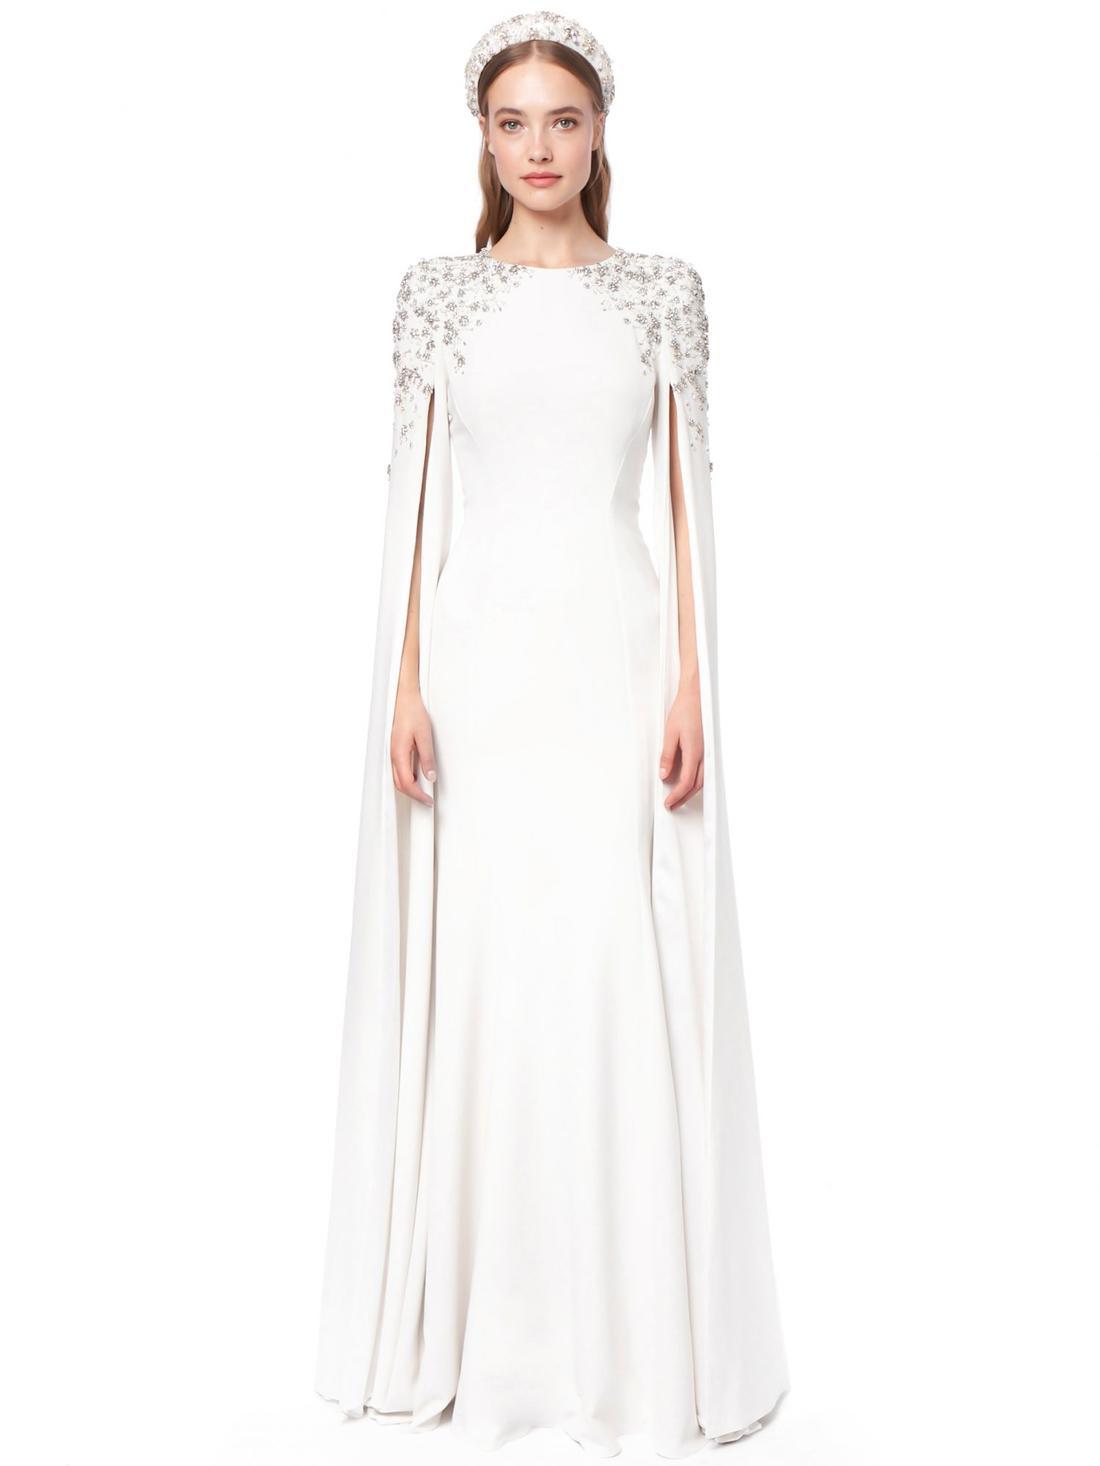 فساتين زفاف بالكاب الأبيض